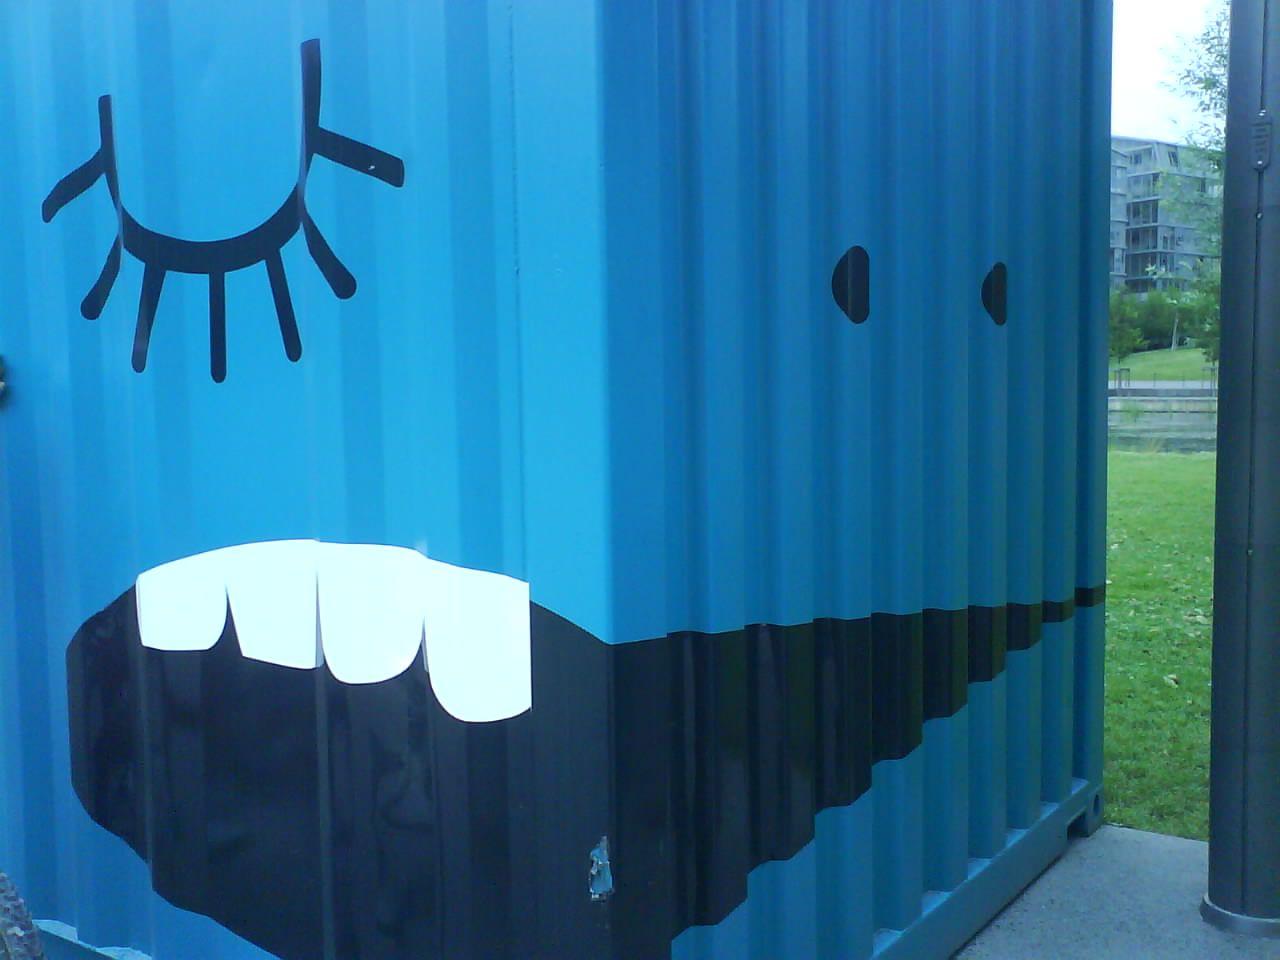 Lyon Confluence : grimper au cocotier et jouer dans des containers à moustaches !